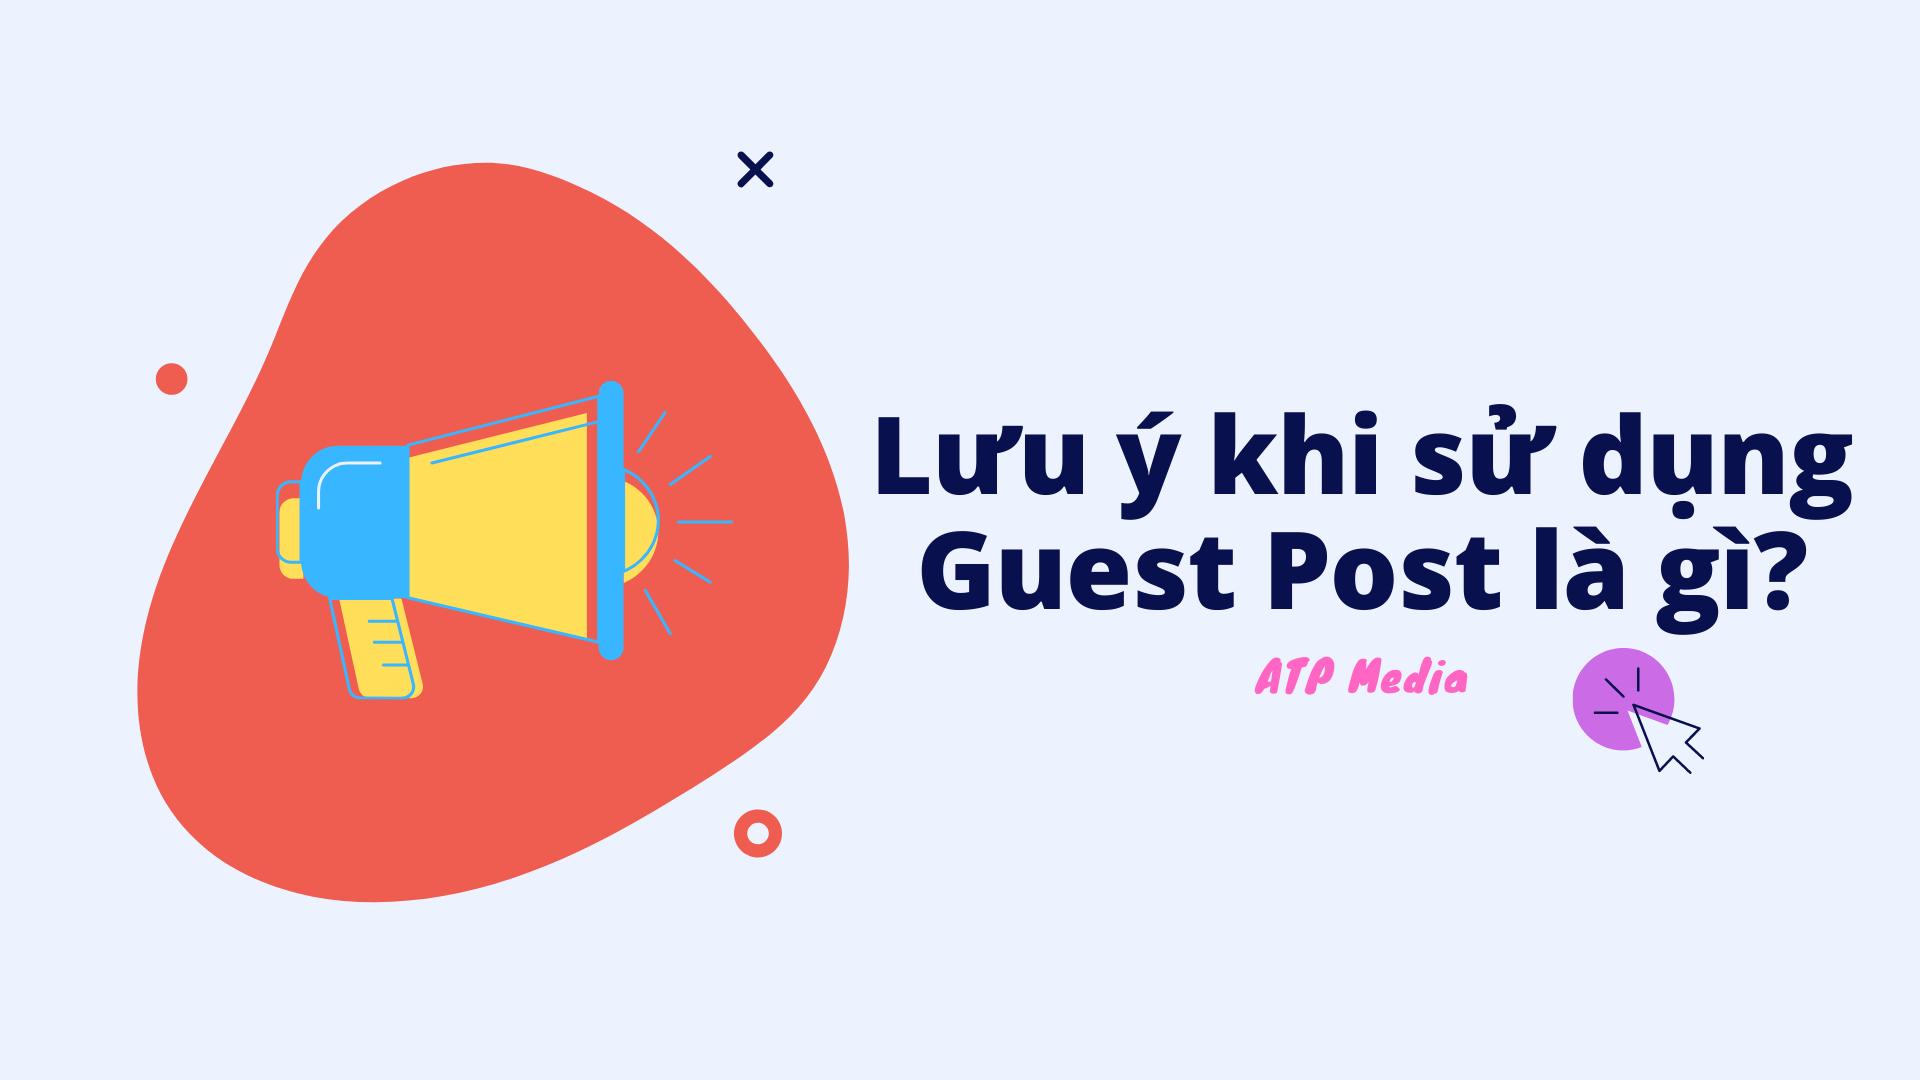 Chú ý khi dùng Guest Post là gì?